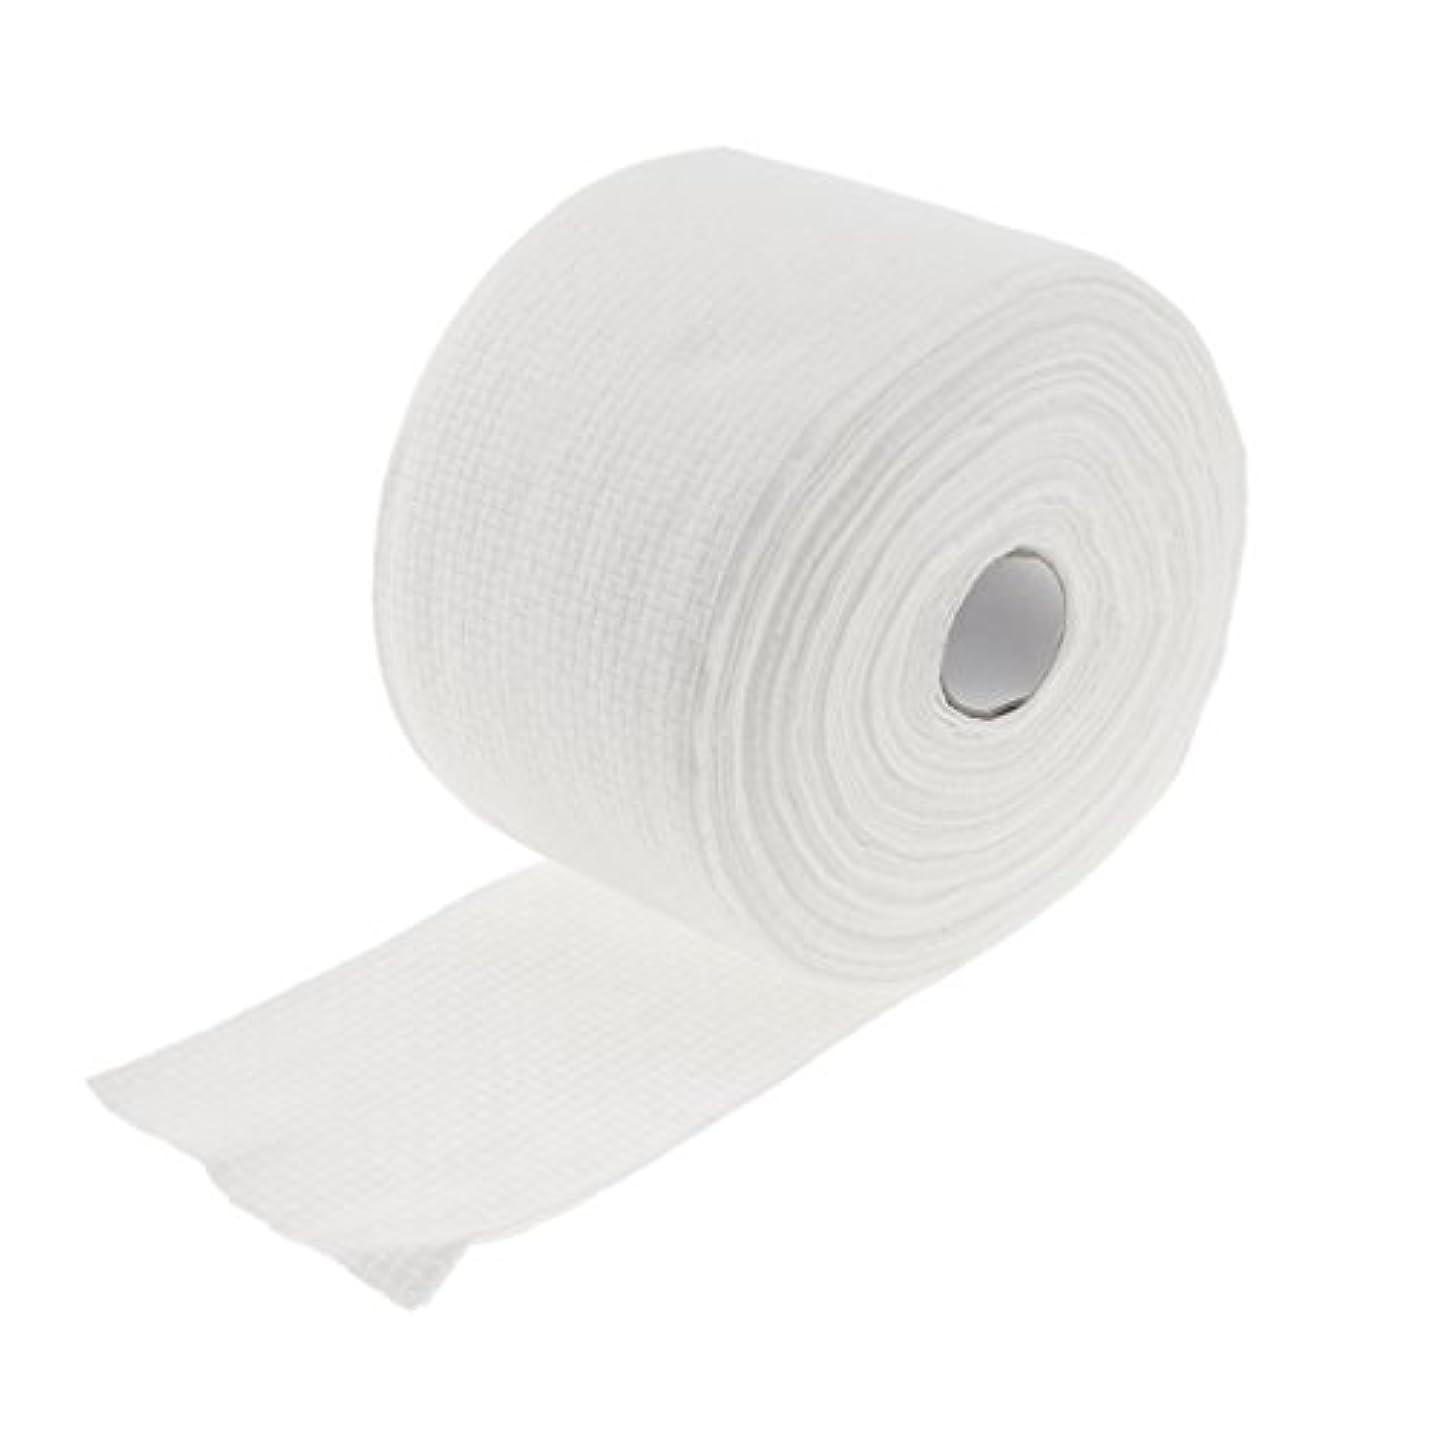 分割ナインへインフルエンザKesoto ロール式 使い捨て 洗顔タオル 使い捨てタオル 30M コットン 繊維 メイクリムーバー 2タイプ選べる - #1